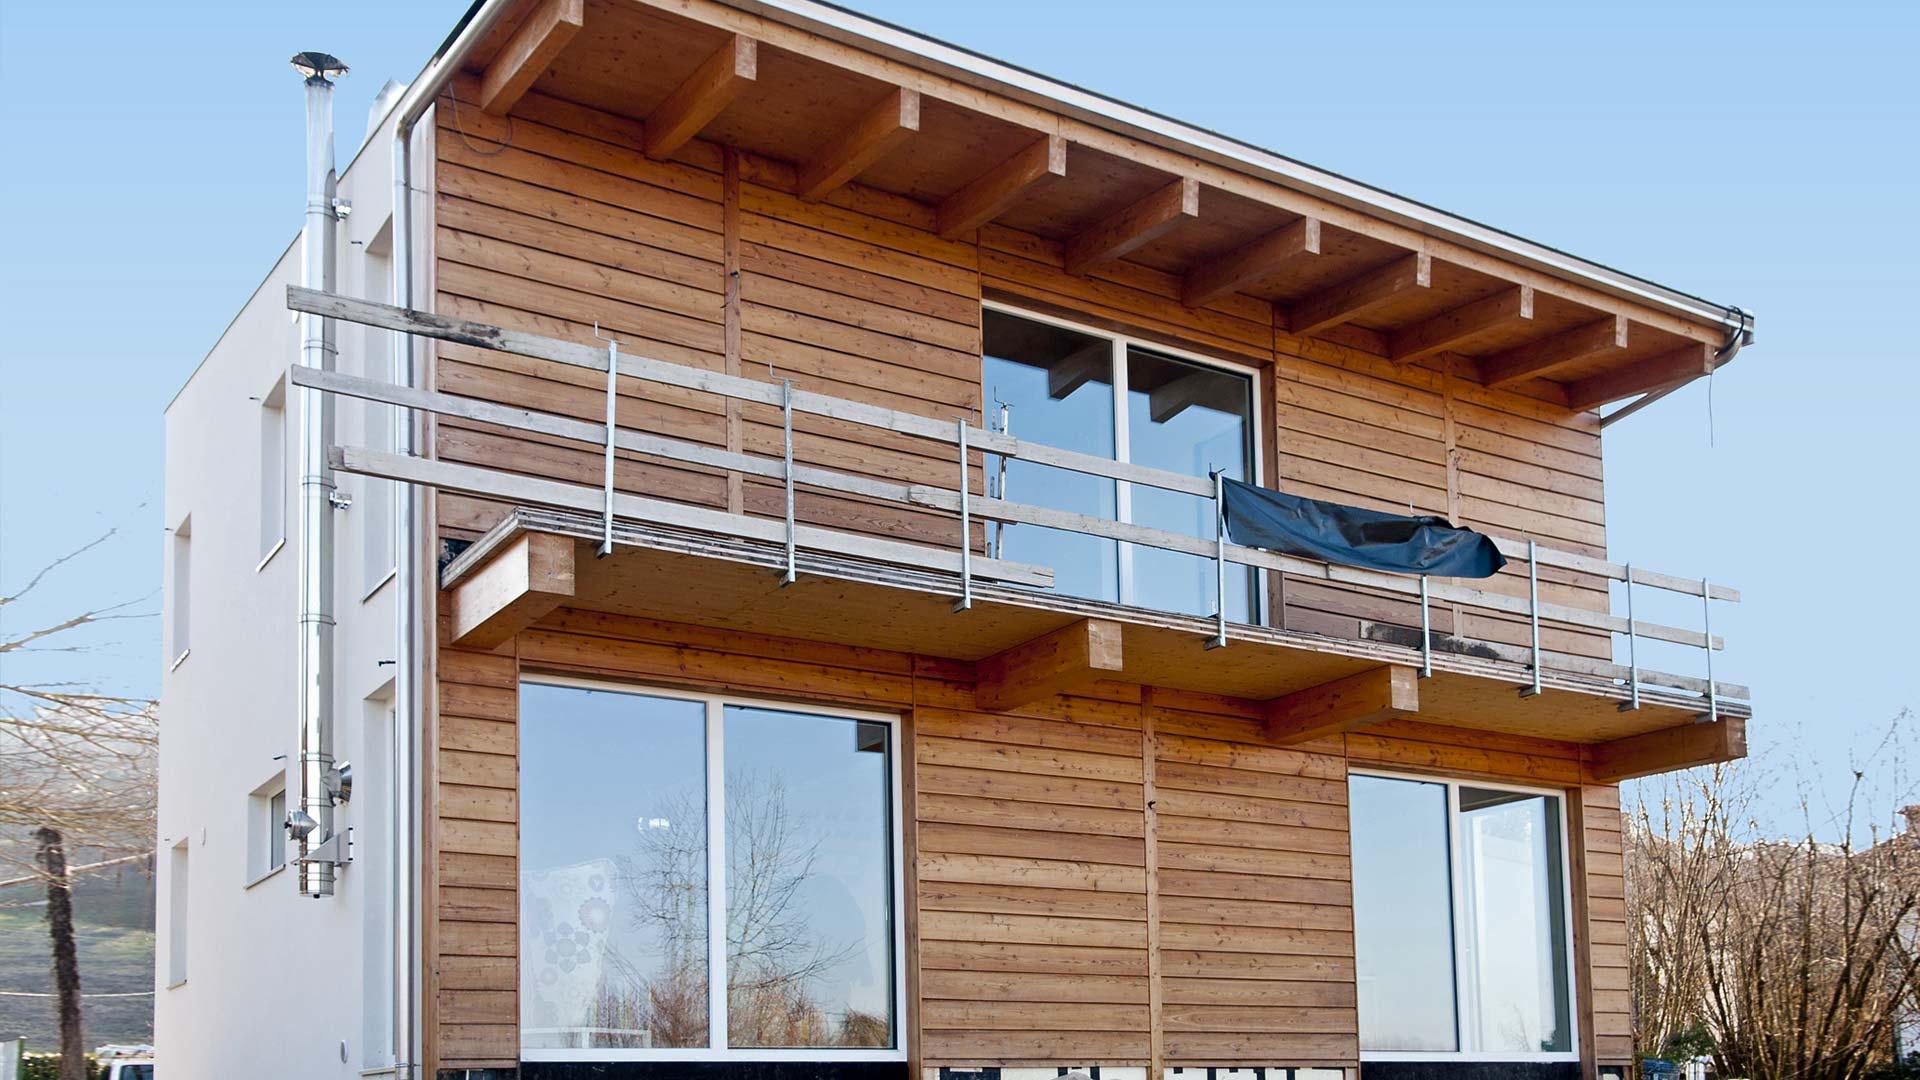 Casa indipendente in legno bbs a due piani a cherasco for Piani a 2 piani